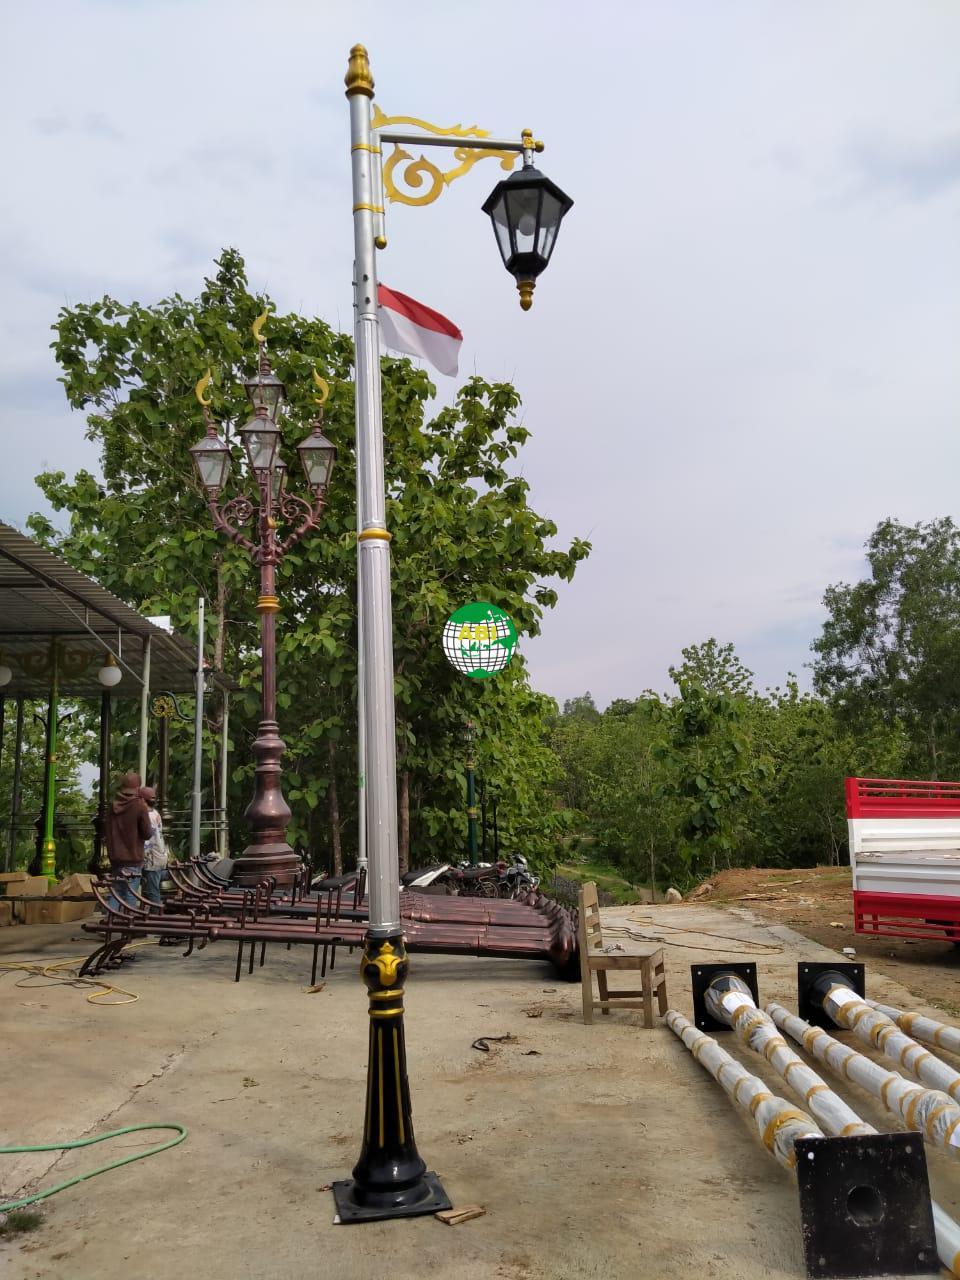 Tiang Lampu Taman Dekorasi Tiang Lampu Taman Dekorasi Murah 2021